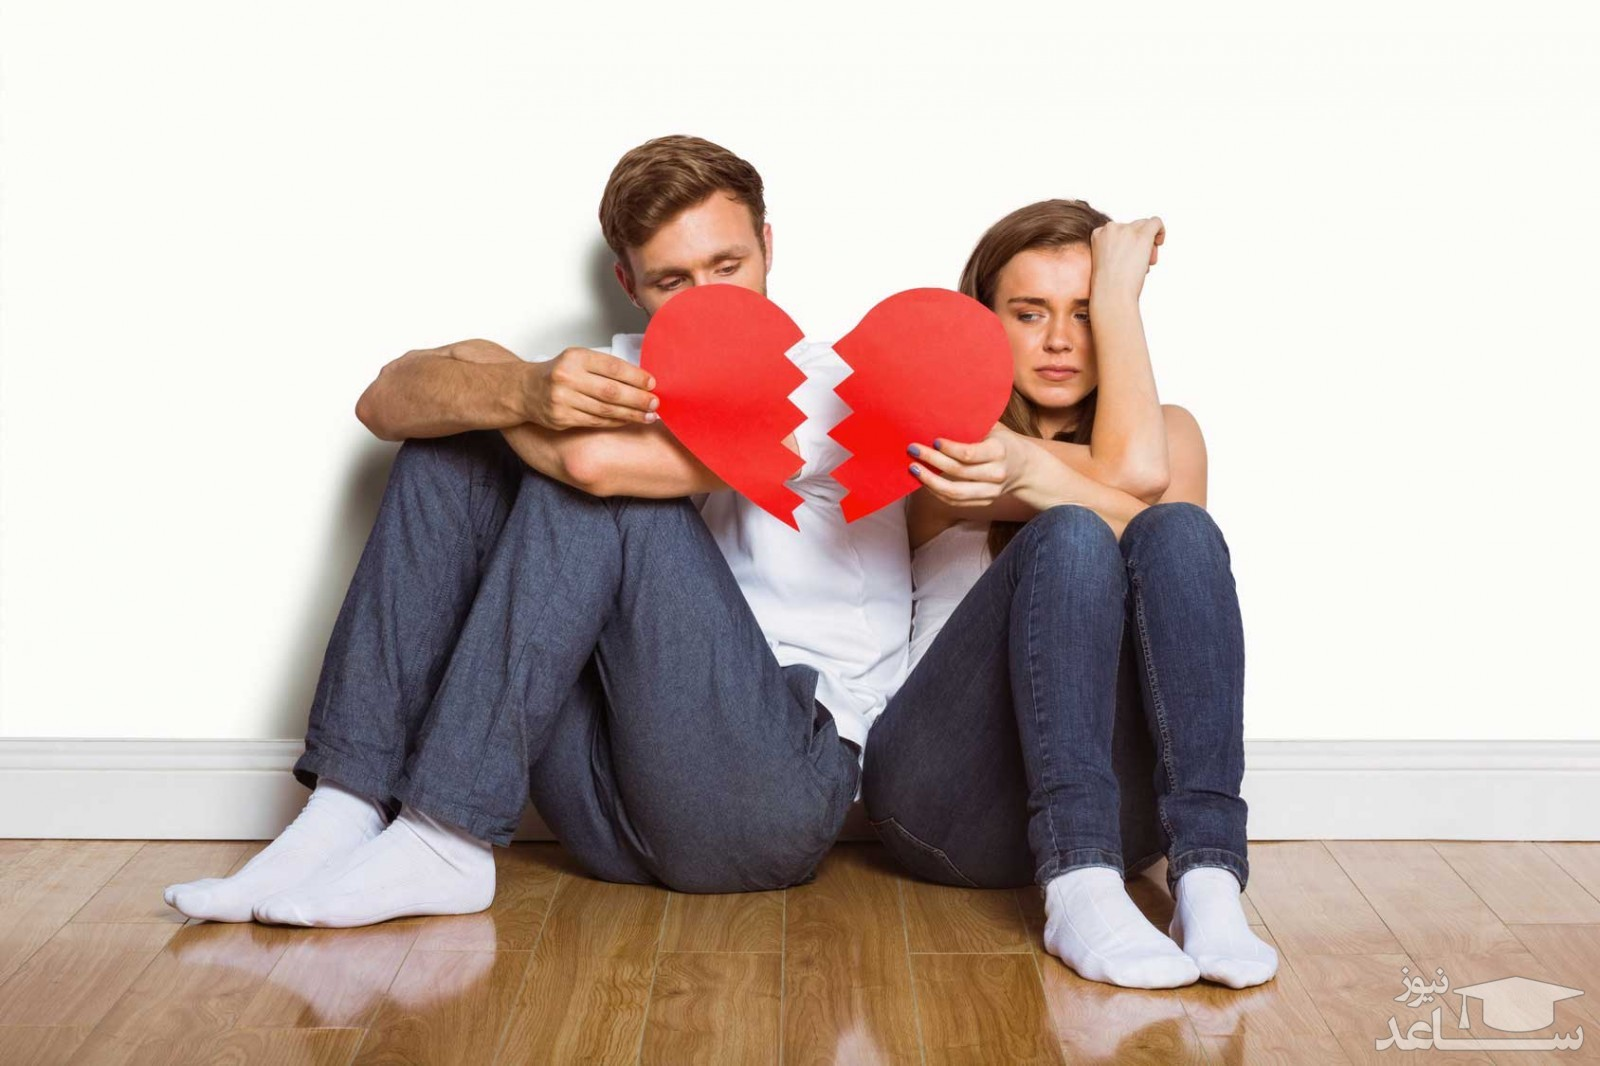 ۶ نوع شخصیتی که هرگز نباید با آنها وارد رابطه عاطفی شوید